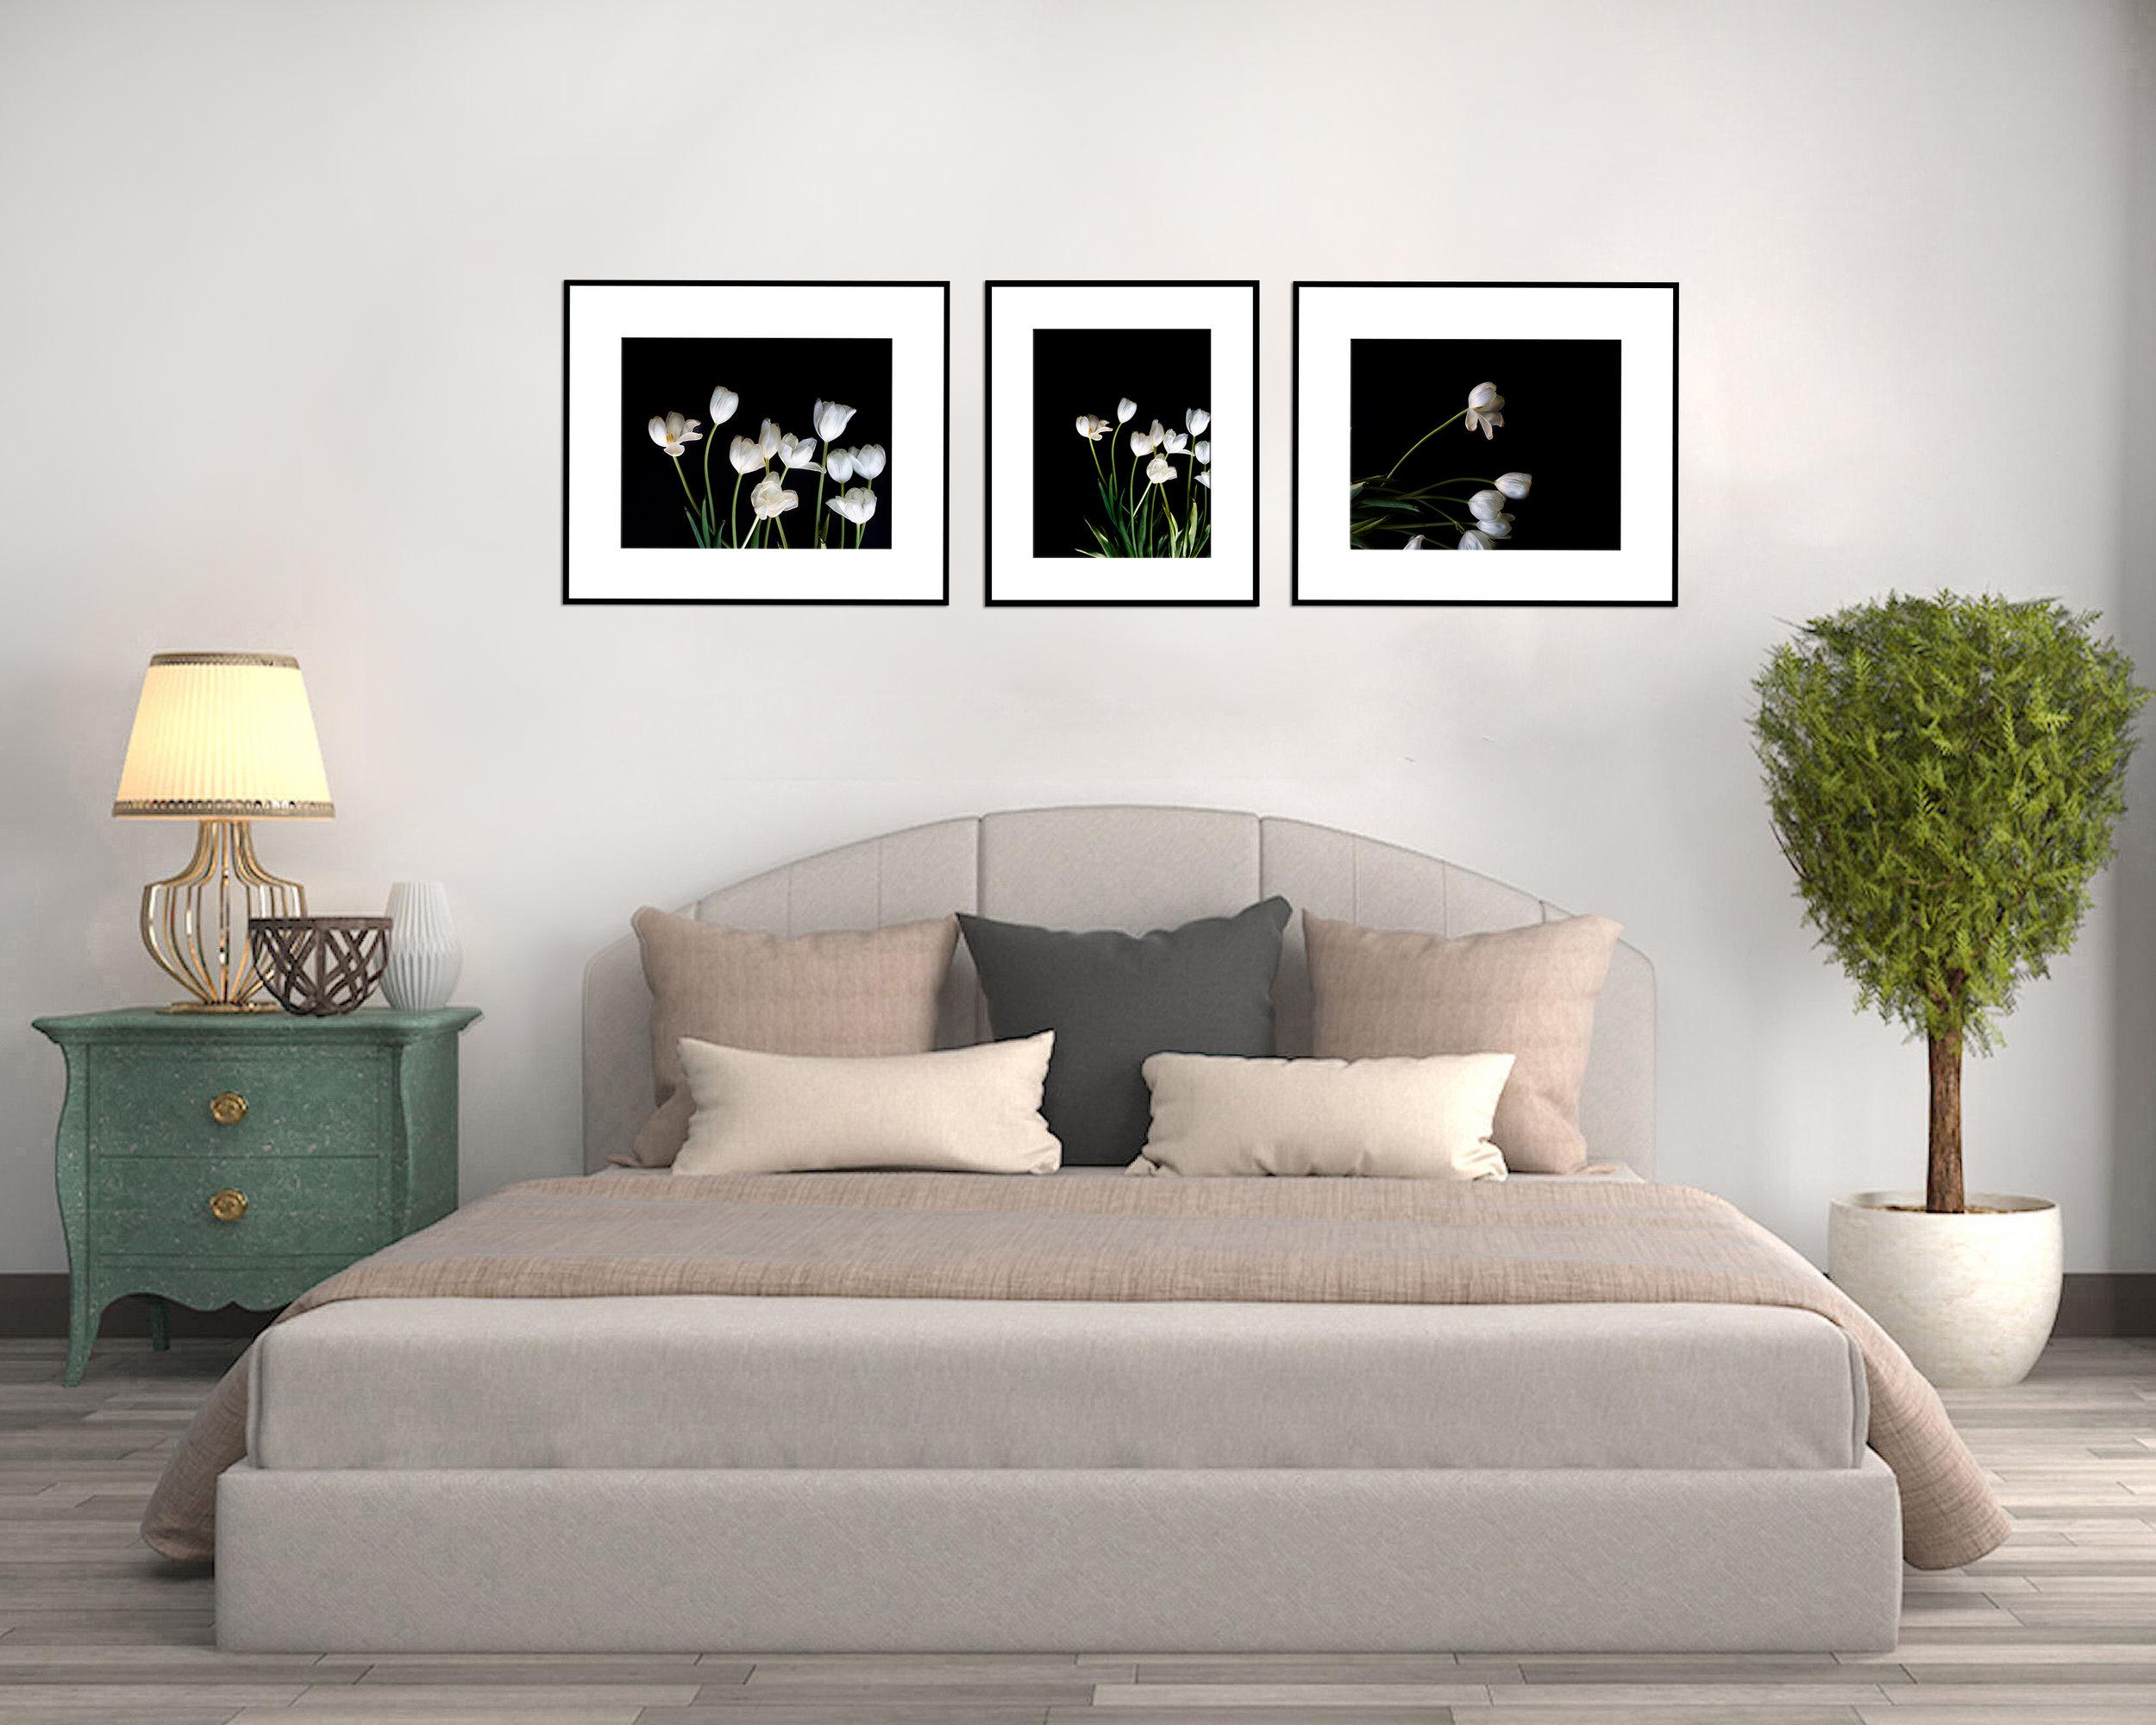 bed4204734761 no frames.jpg